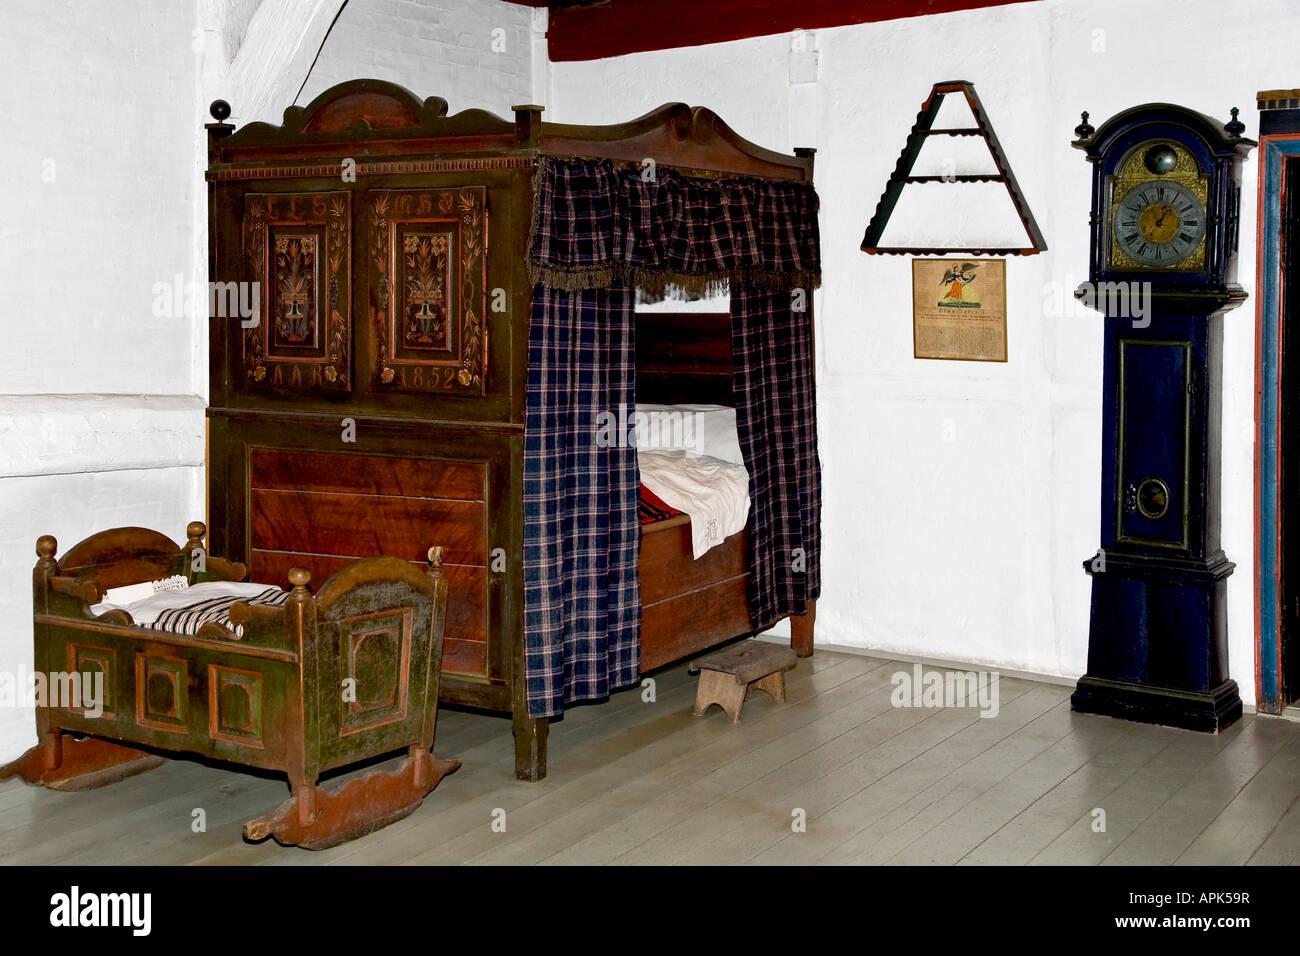 Interieur Chambre A Coucher Ancienne Banque D Images Photo